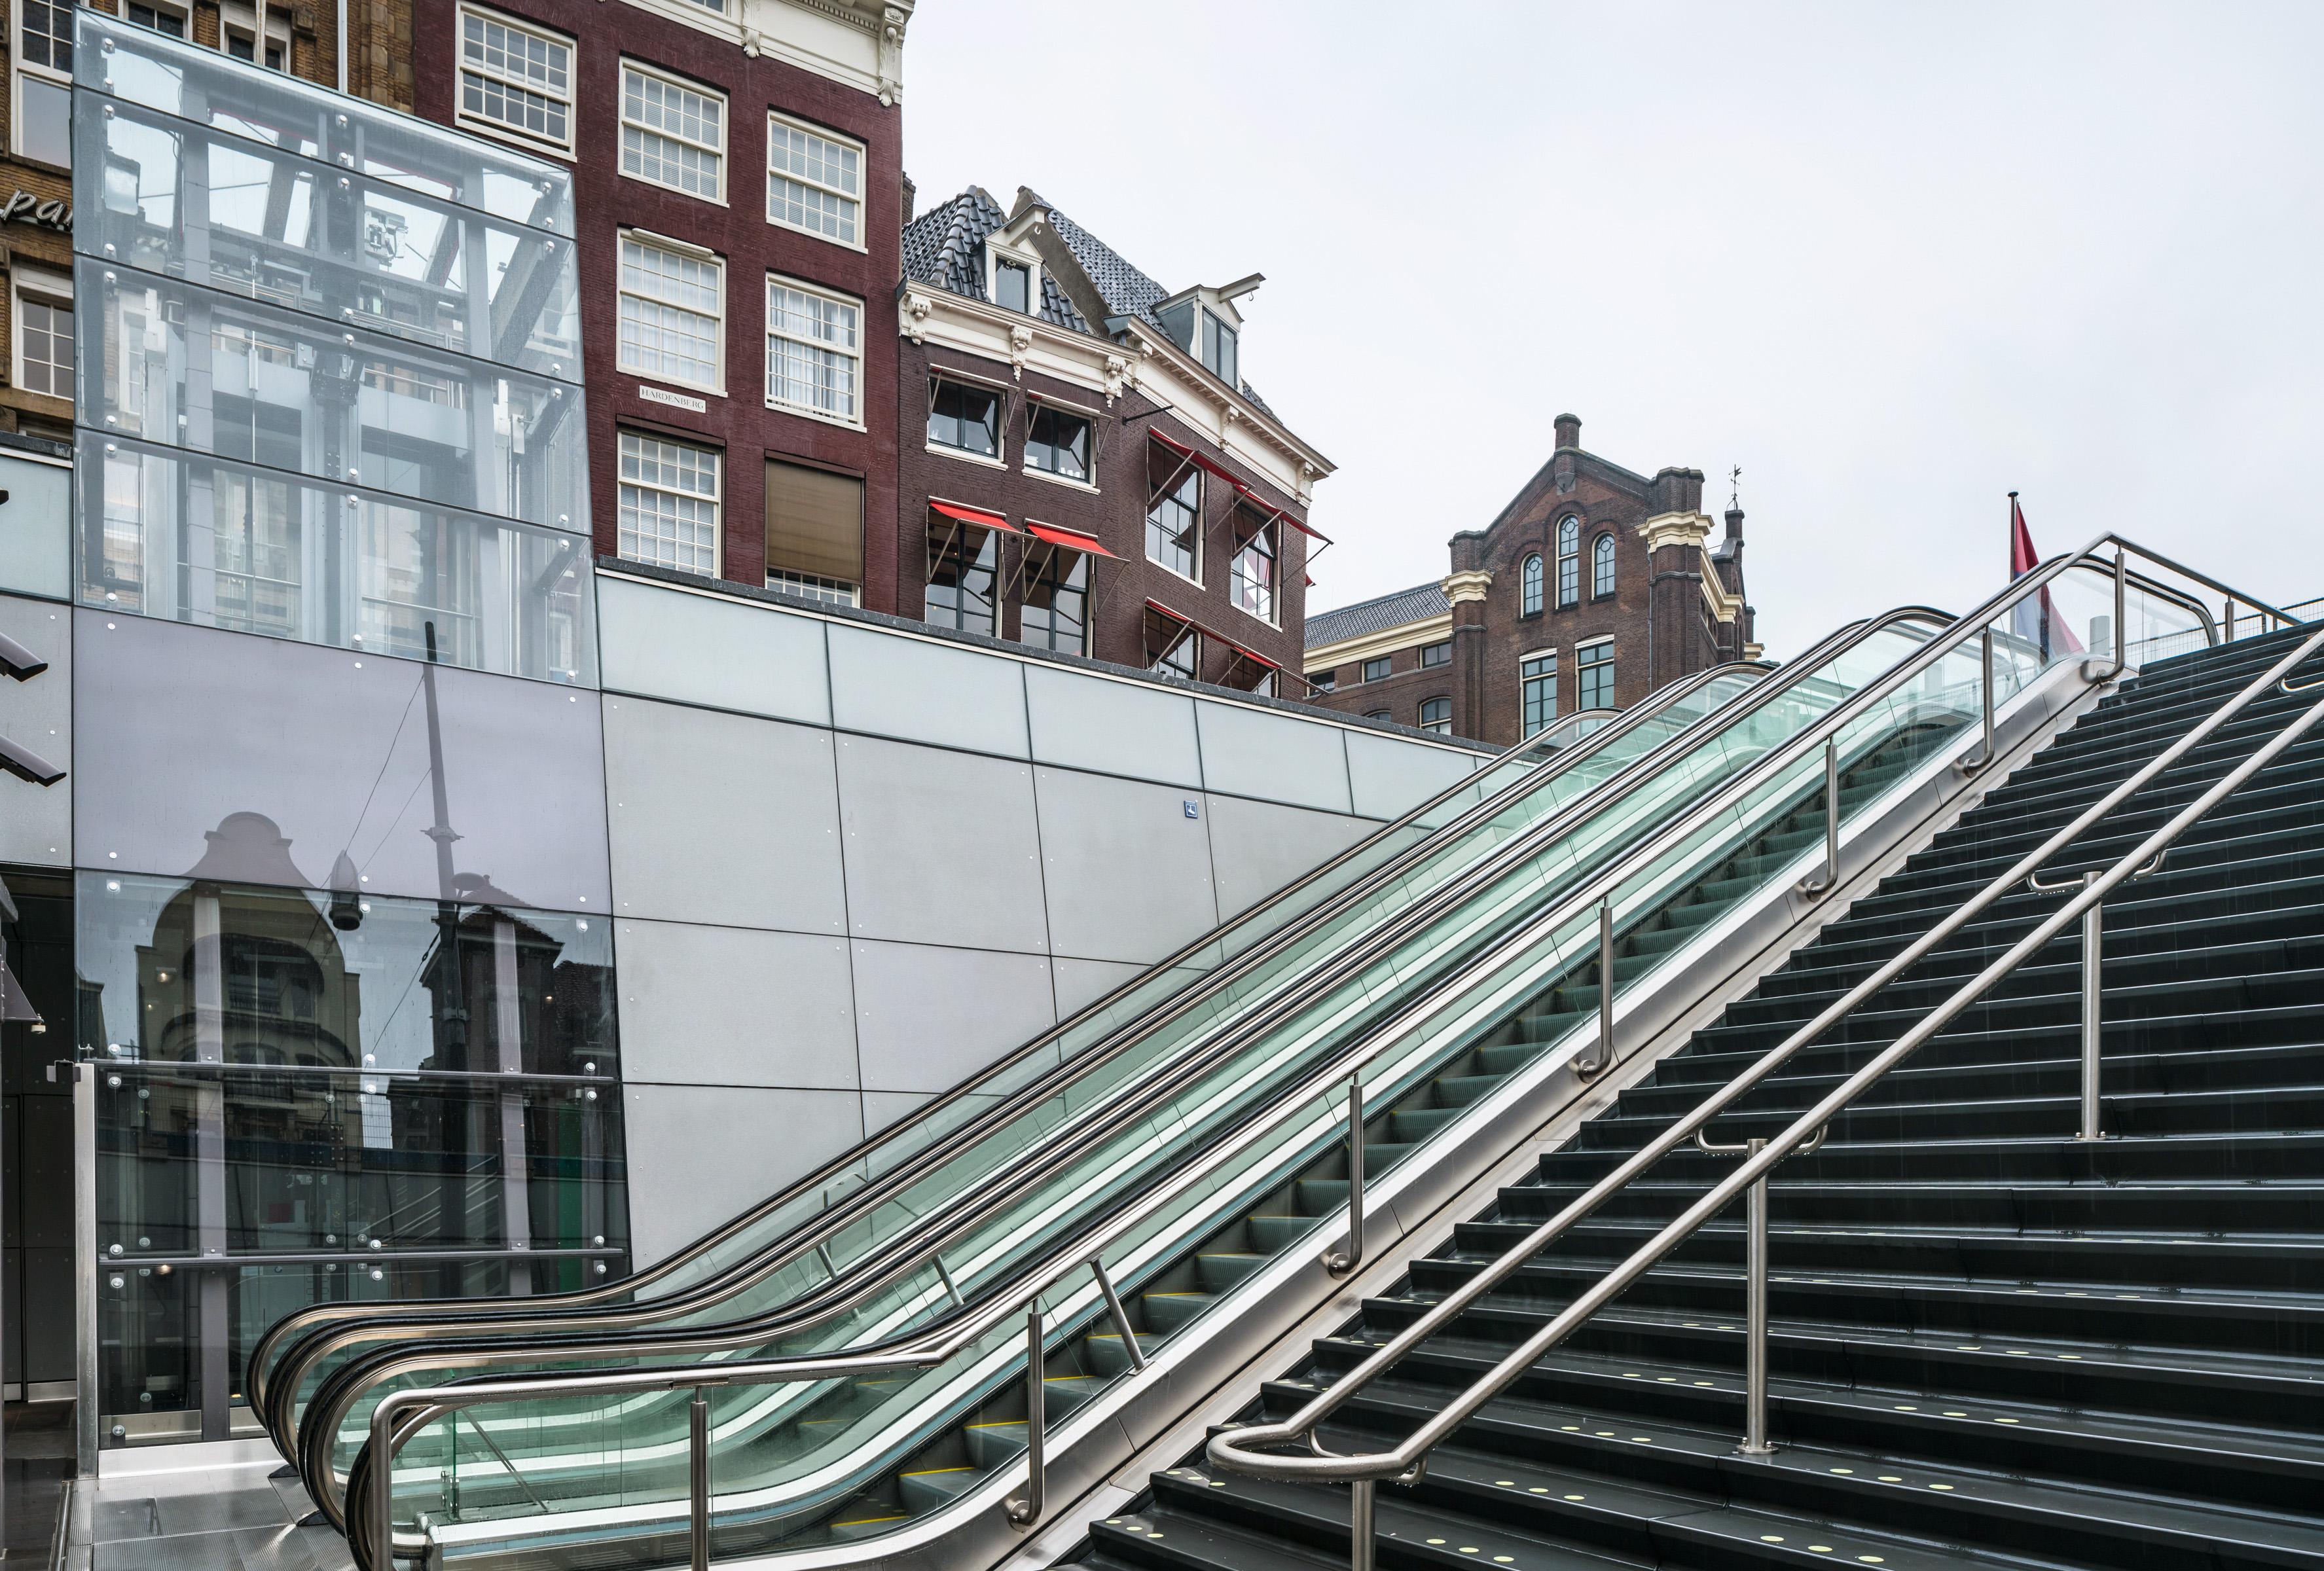 <p>Station Rokin: Jannes Linders</p>